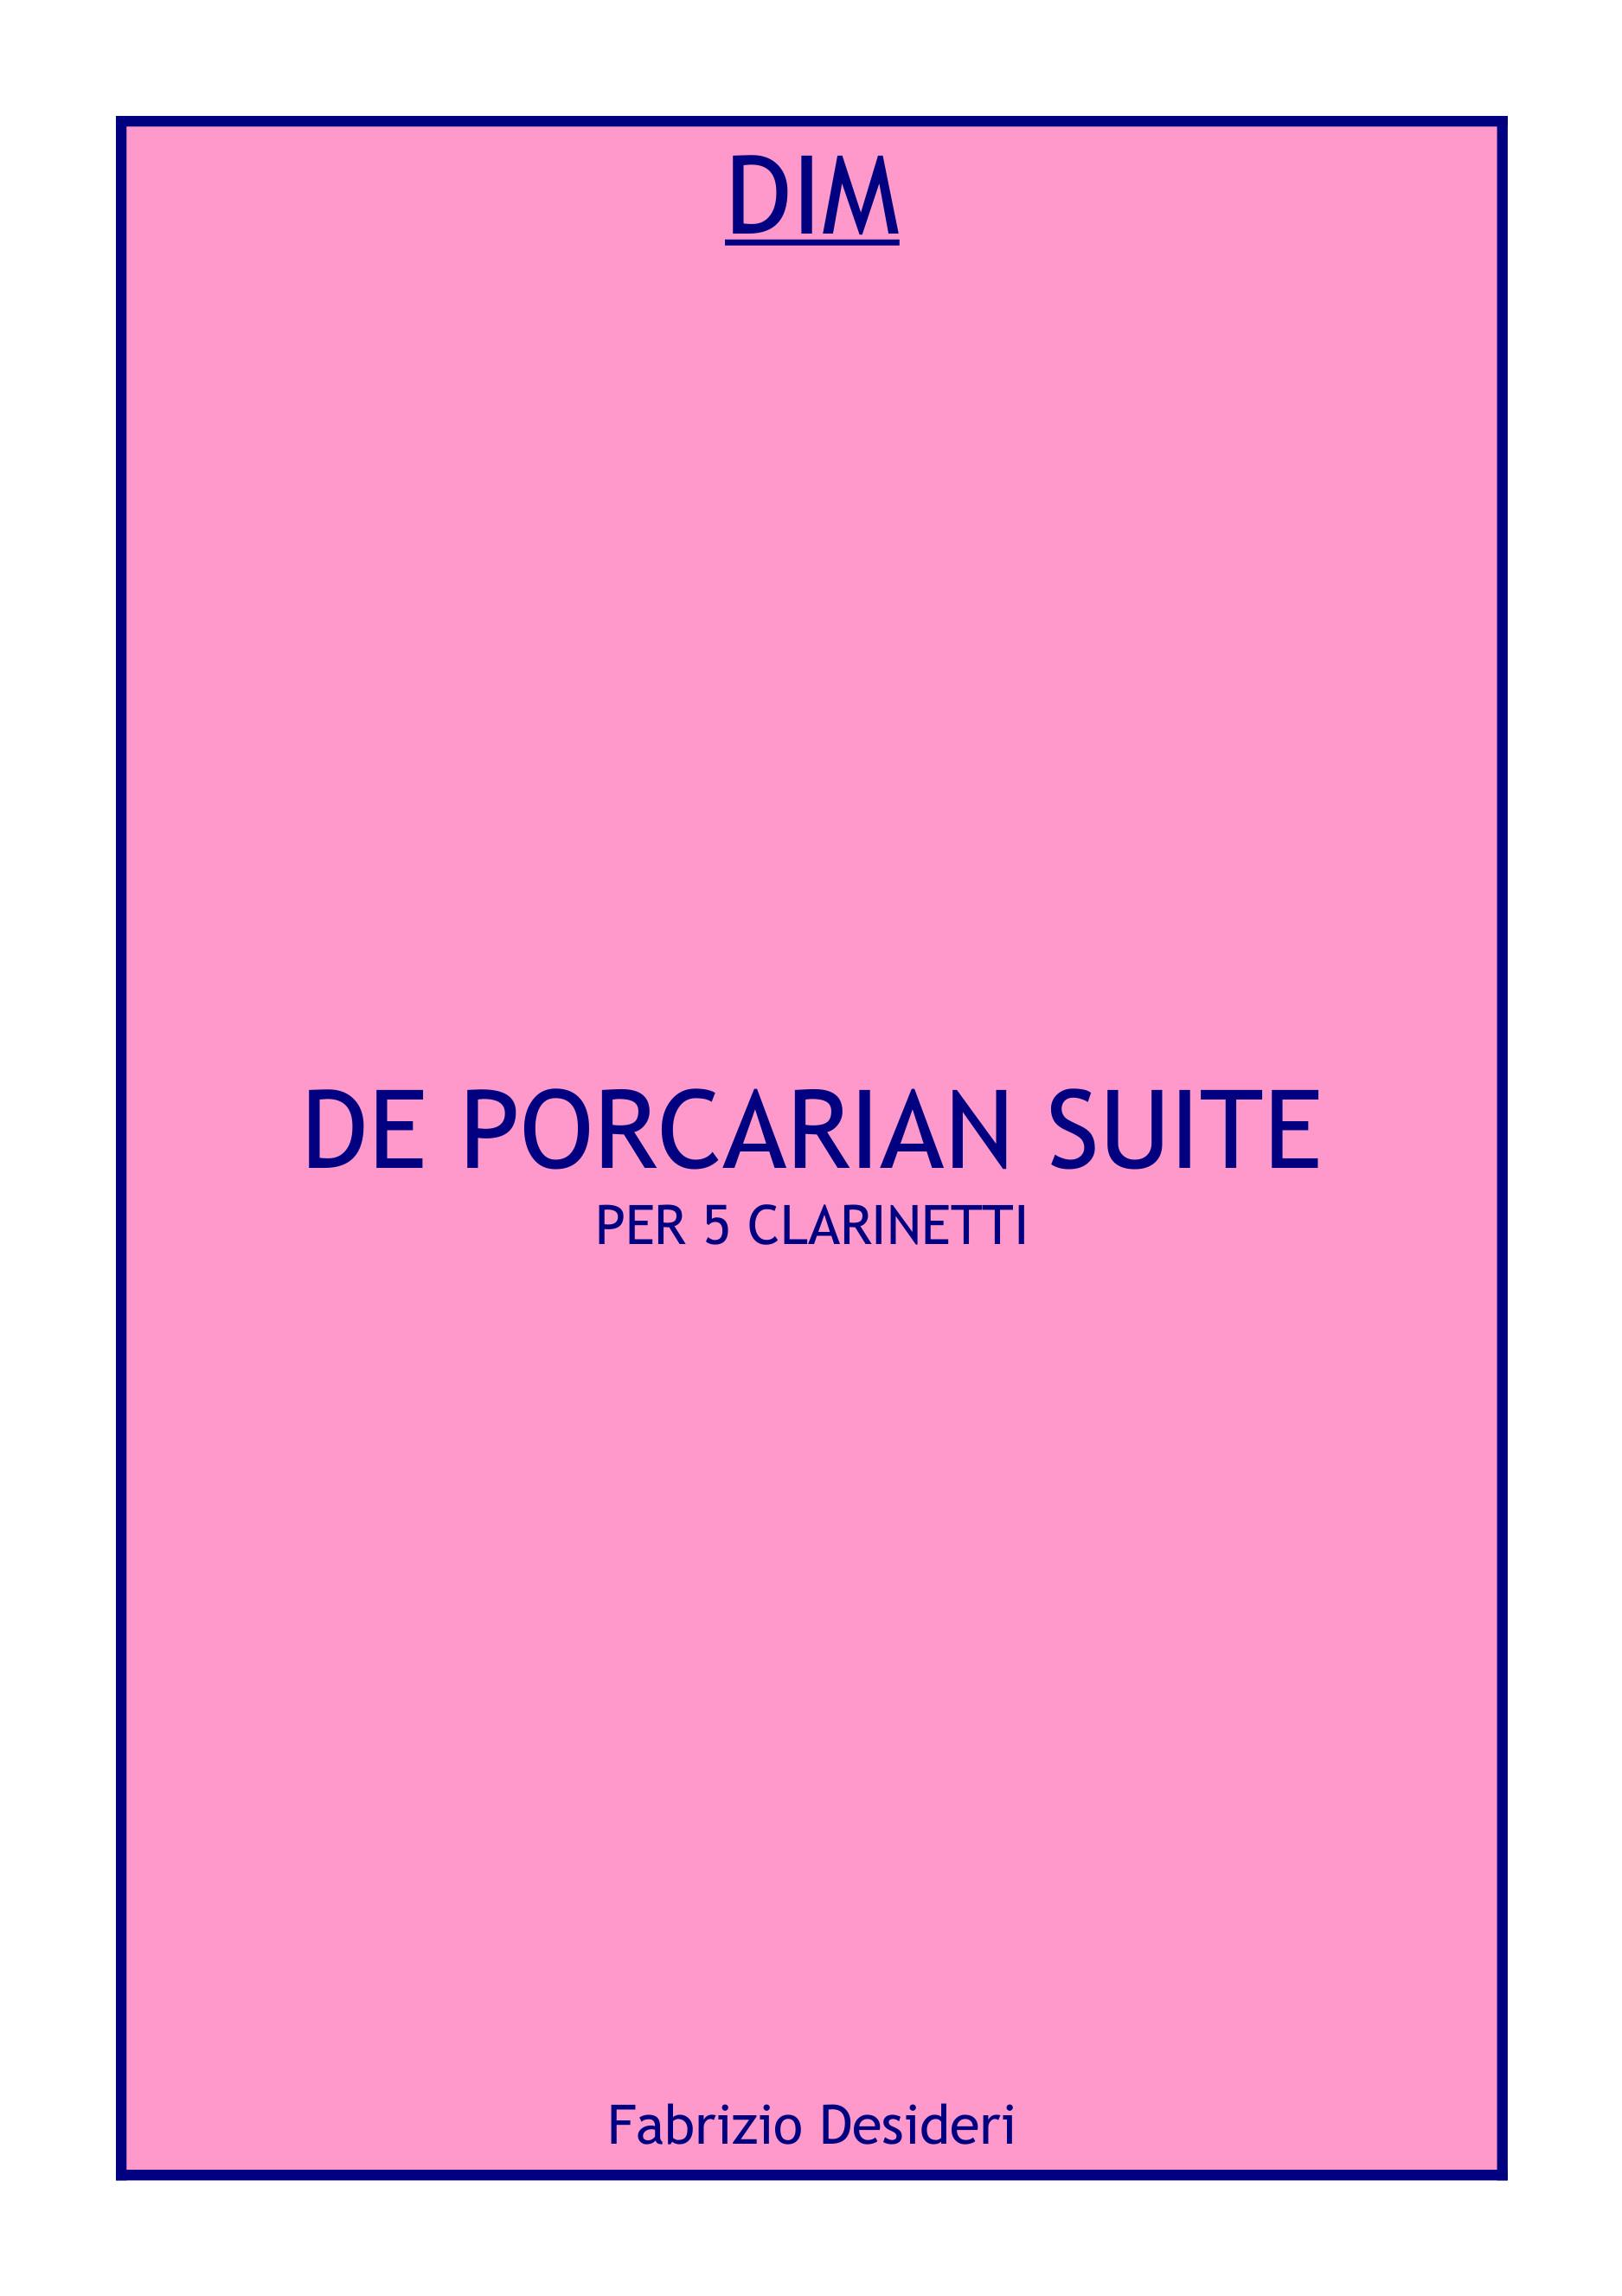 De Porcarian Suite per 5 clarinetti